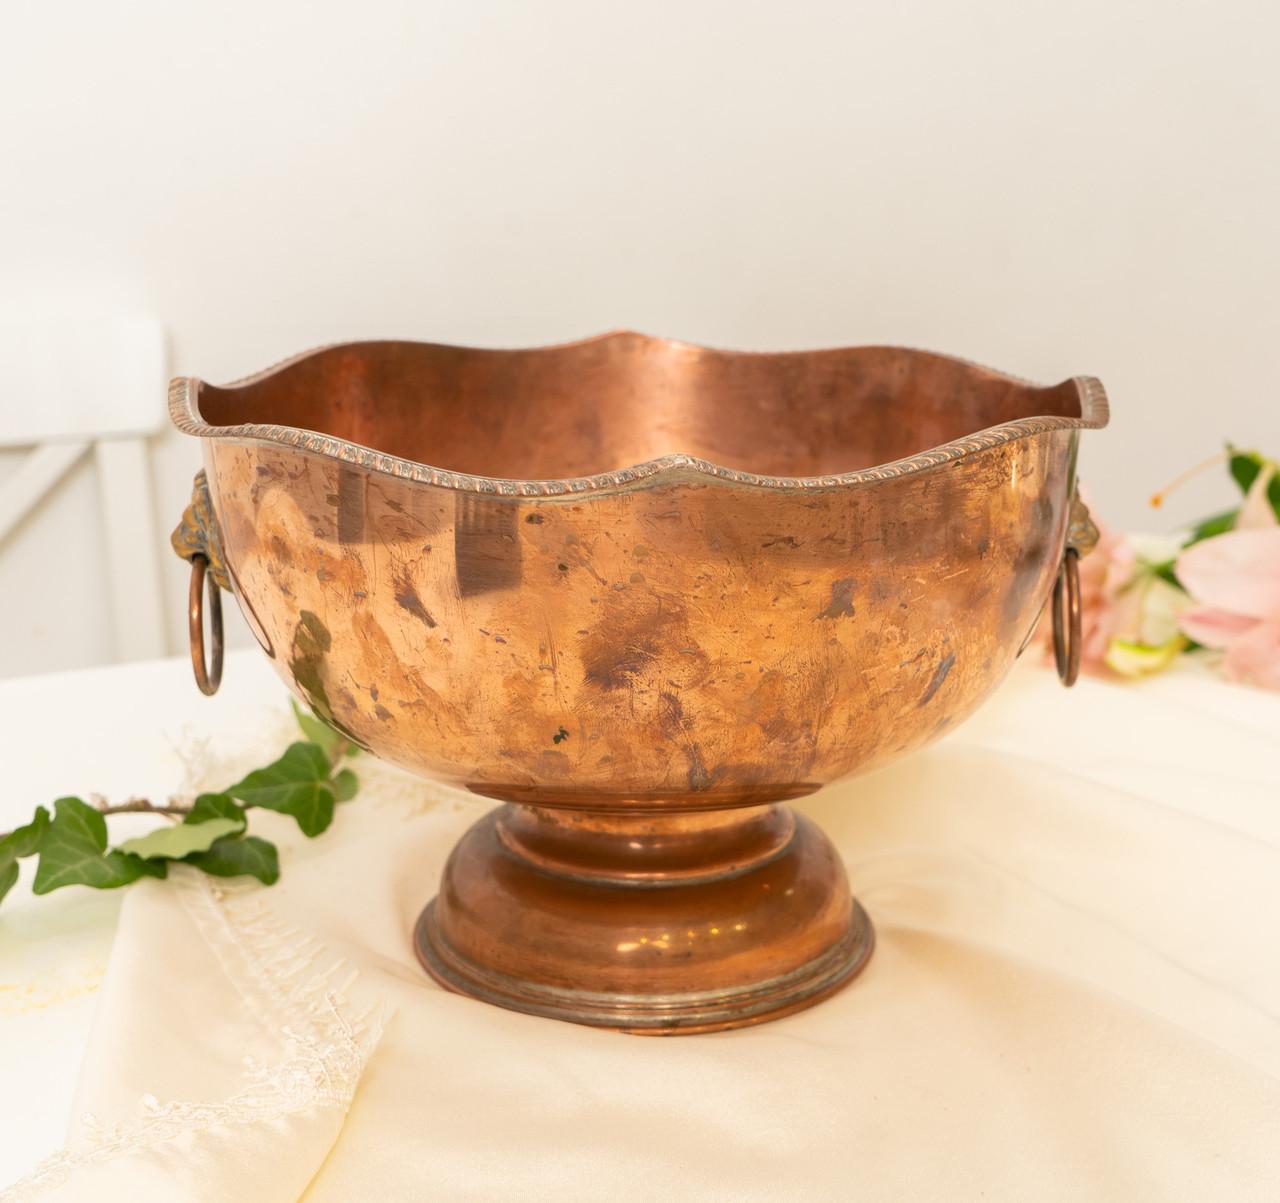 Старая медная чаша для пунша с львиными головами вместо ручек, кашпо, горшок, медь, Англия